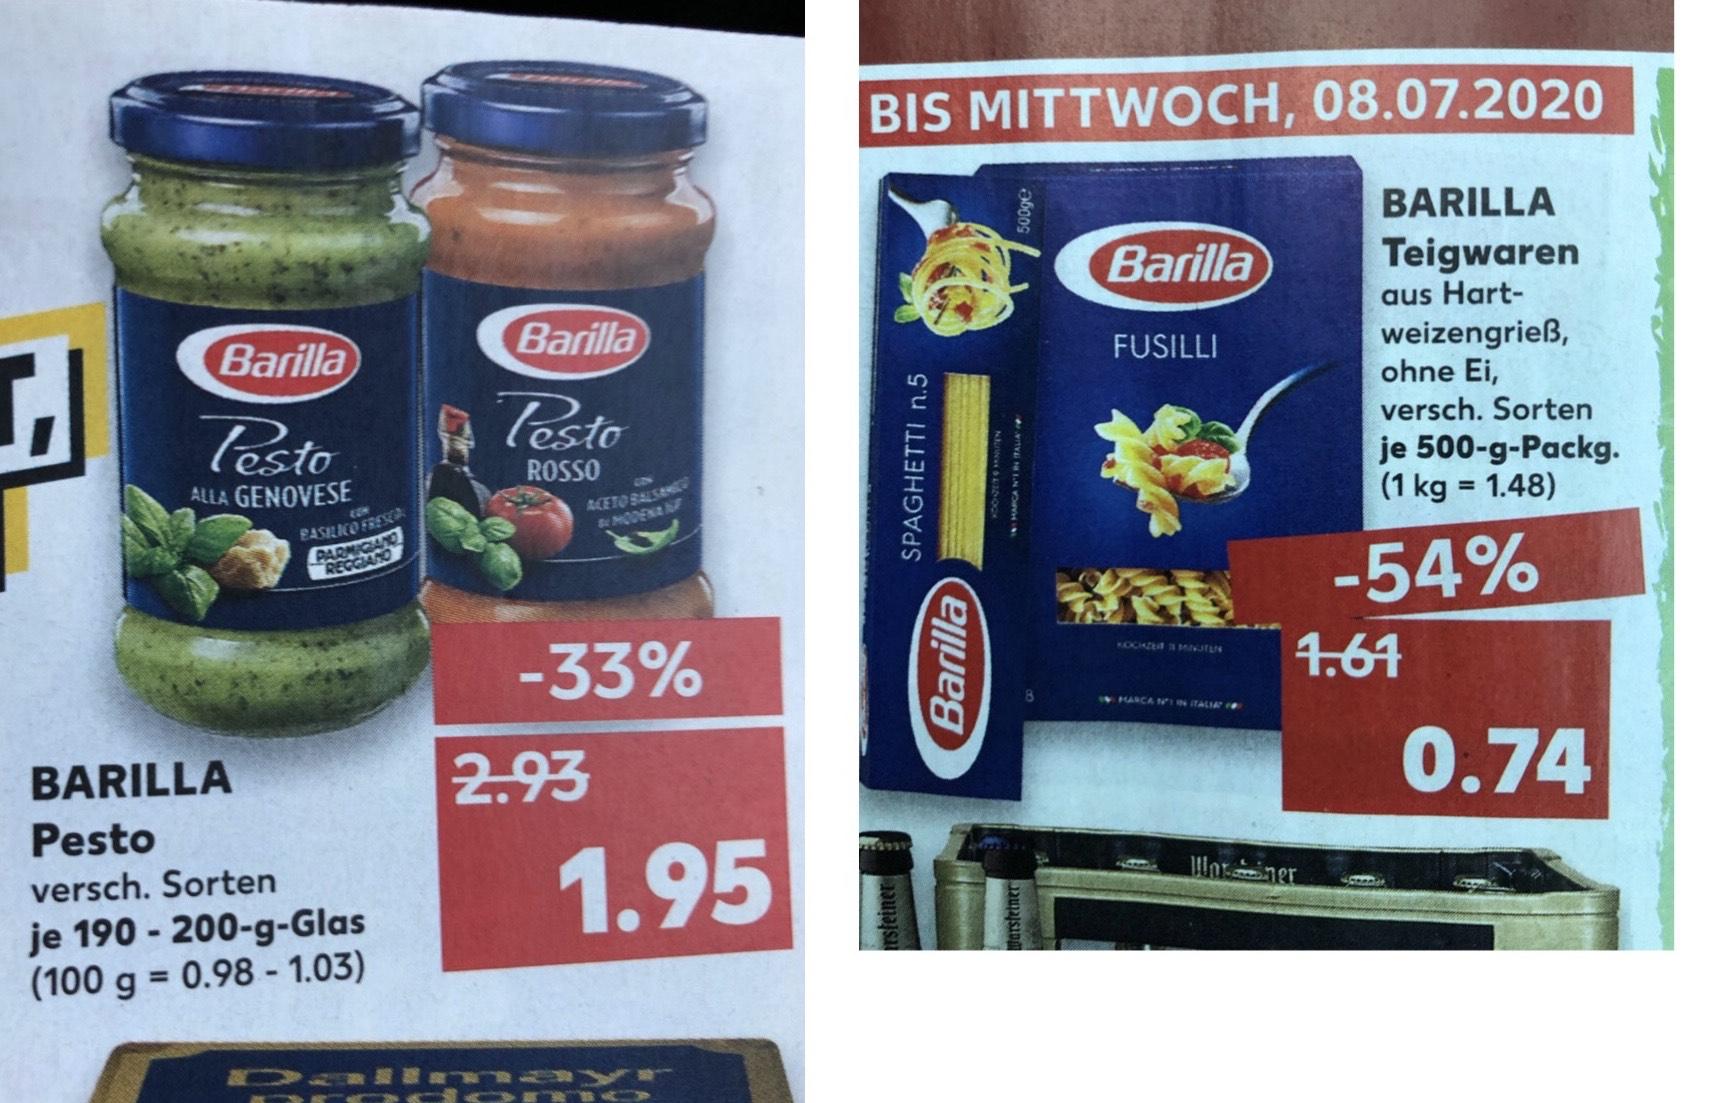 Kaufland Barilla Pesto 1,95€ und Pasta 0,74€ versch. Sorten